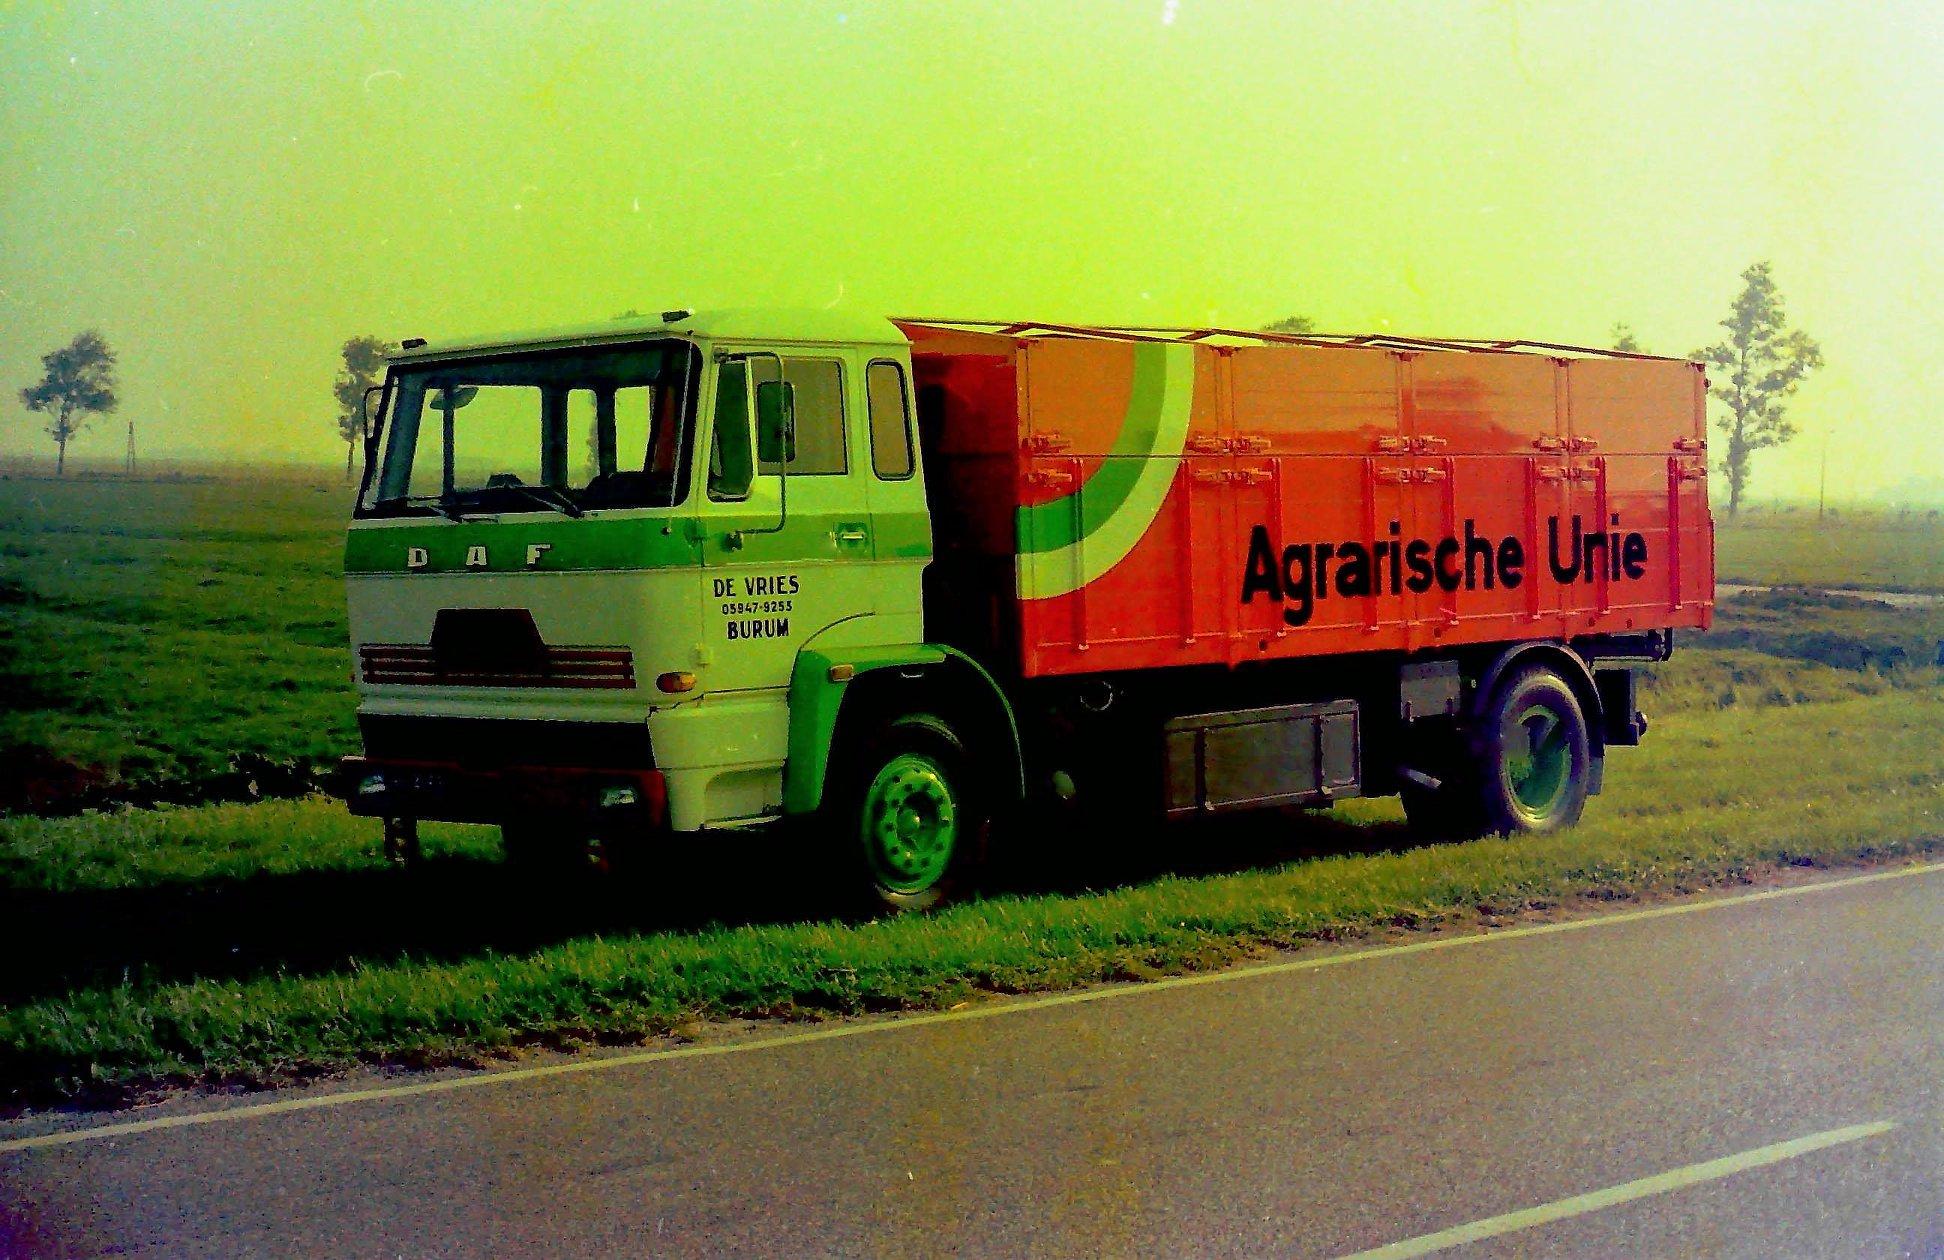 Bulkauto-gebouwd-door-Rondaan-voor-De-Vries-uit-Burum-rijdend-voor-de-Agrarische-Unie-1